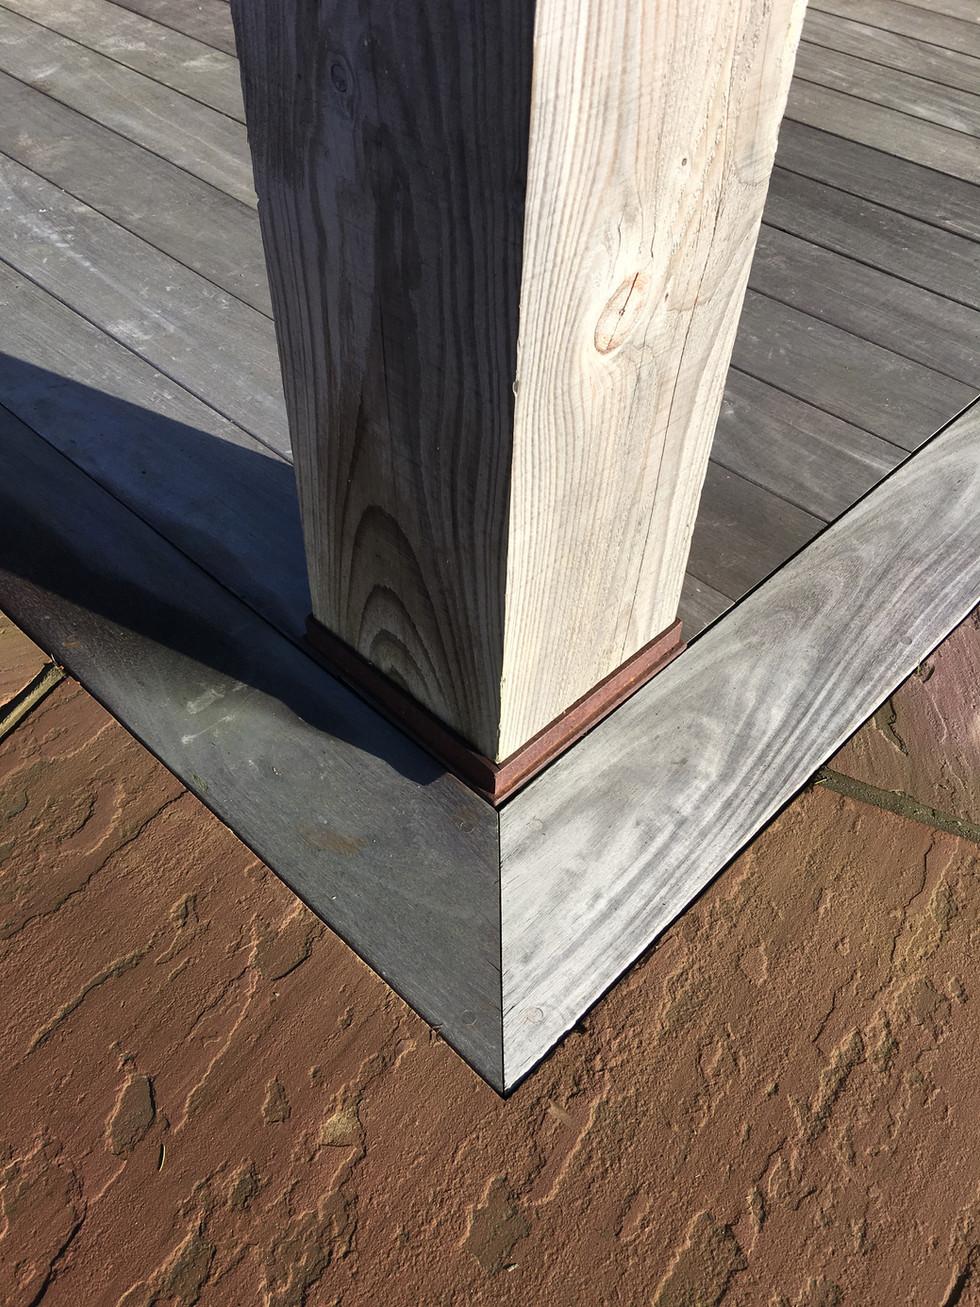 Silvered IPE Decking, Douglas Fir gazebo post in a bespoke CorTen steel shoe